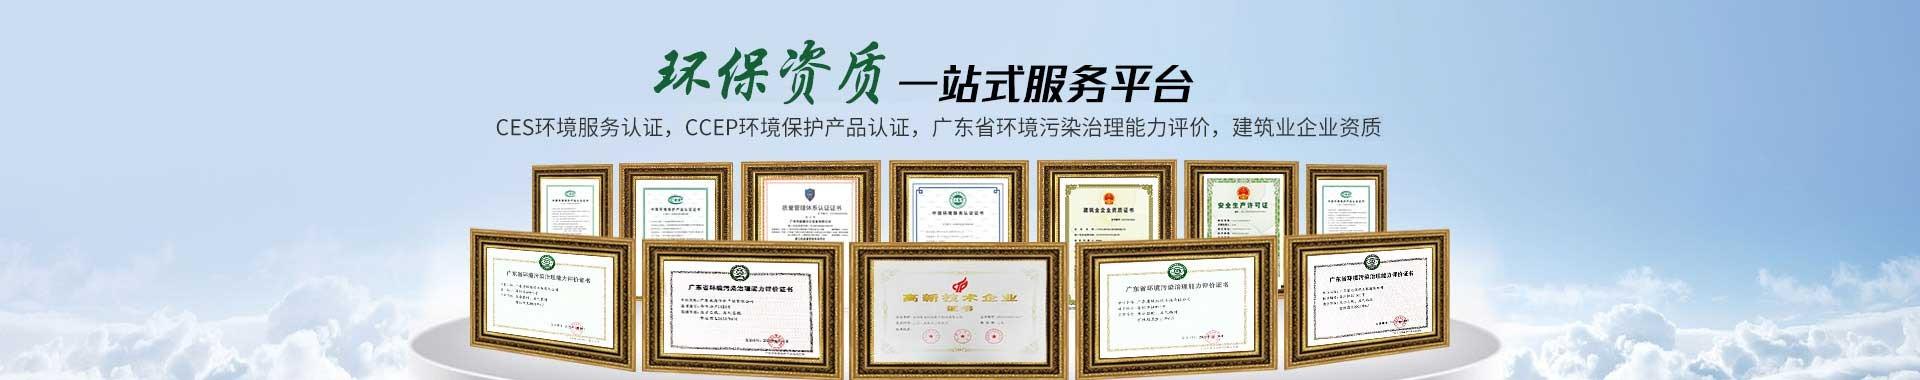 ccep环保认证,十环认证证书等环保资质一站式服务平台